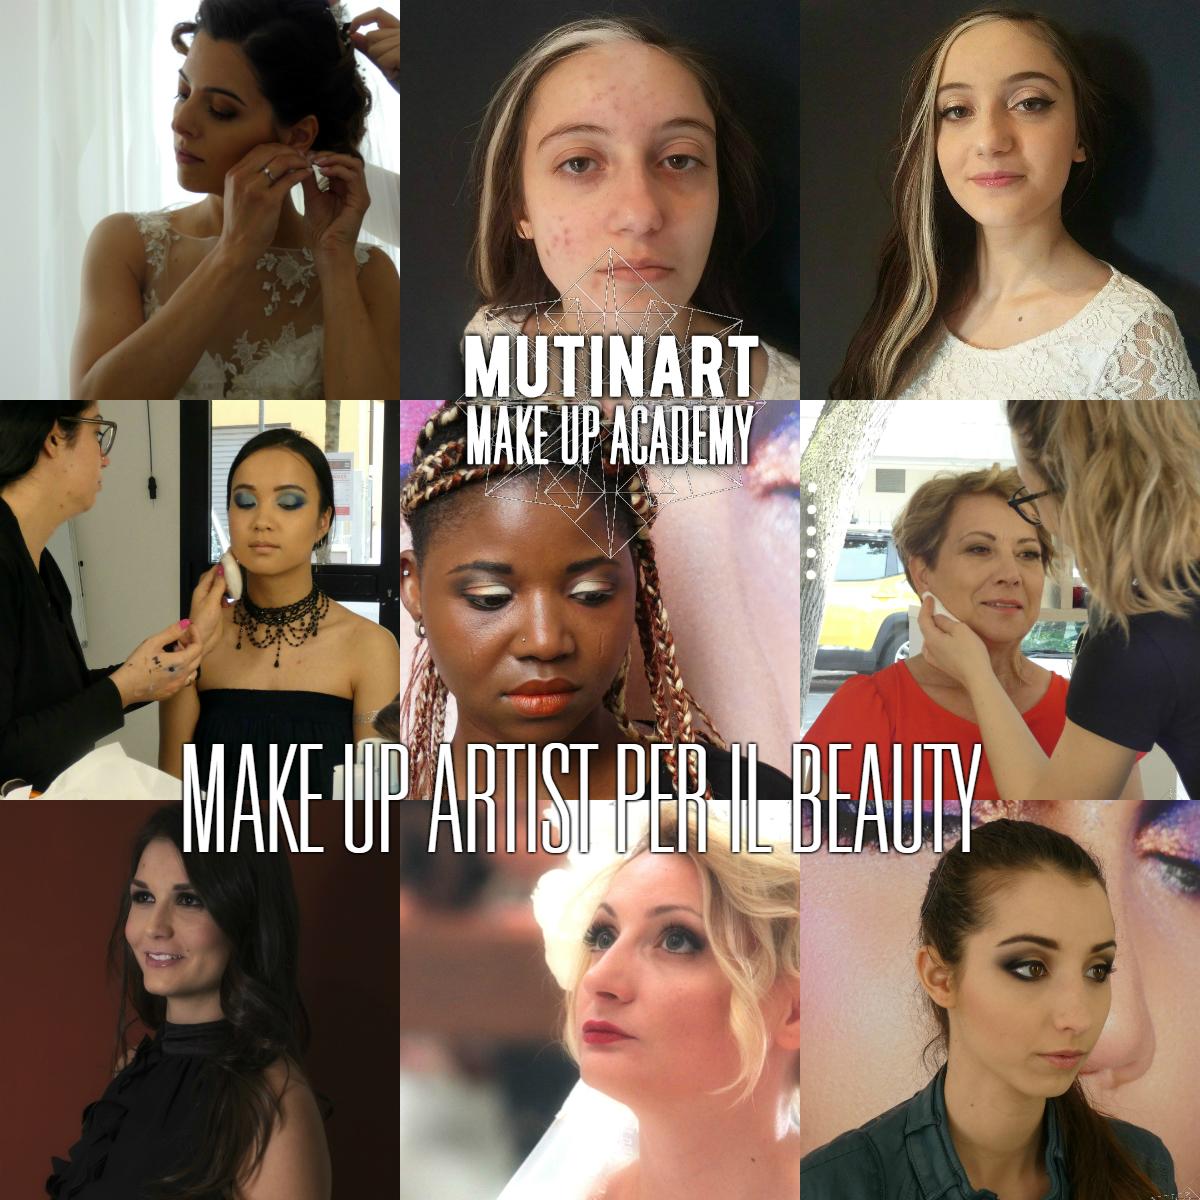 MUtinArt Make Up Academy - Corso di trucco correttivo, trucco fotografico, trucco sposa e cerimonia, trucco per la pelle etnica, trucco antiage